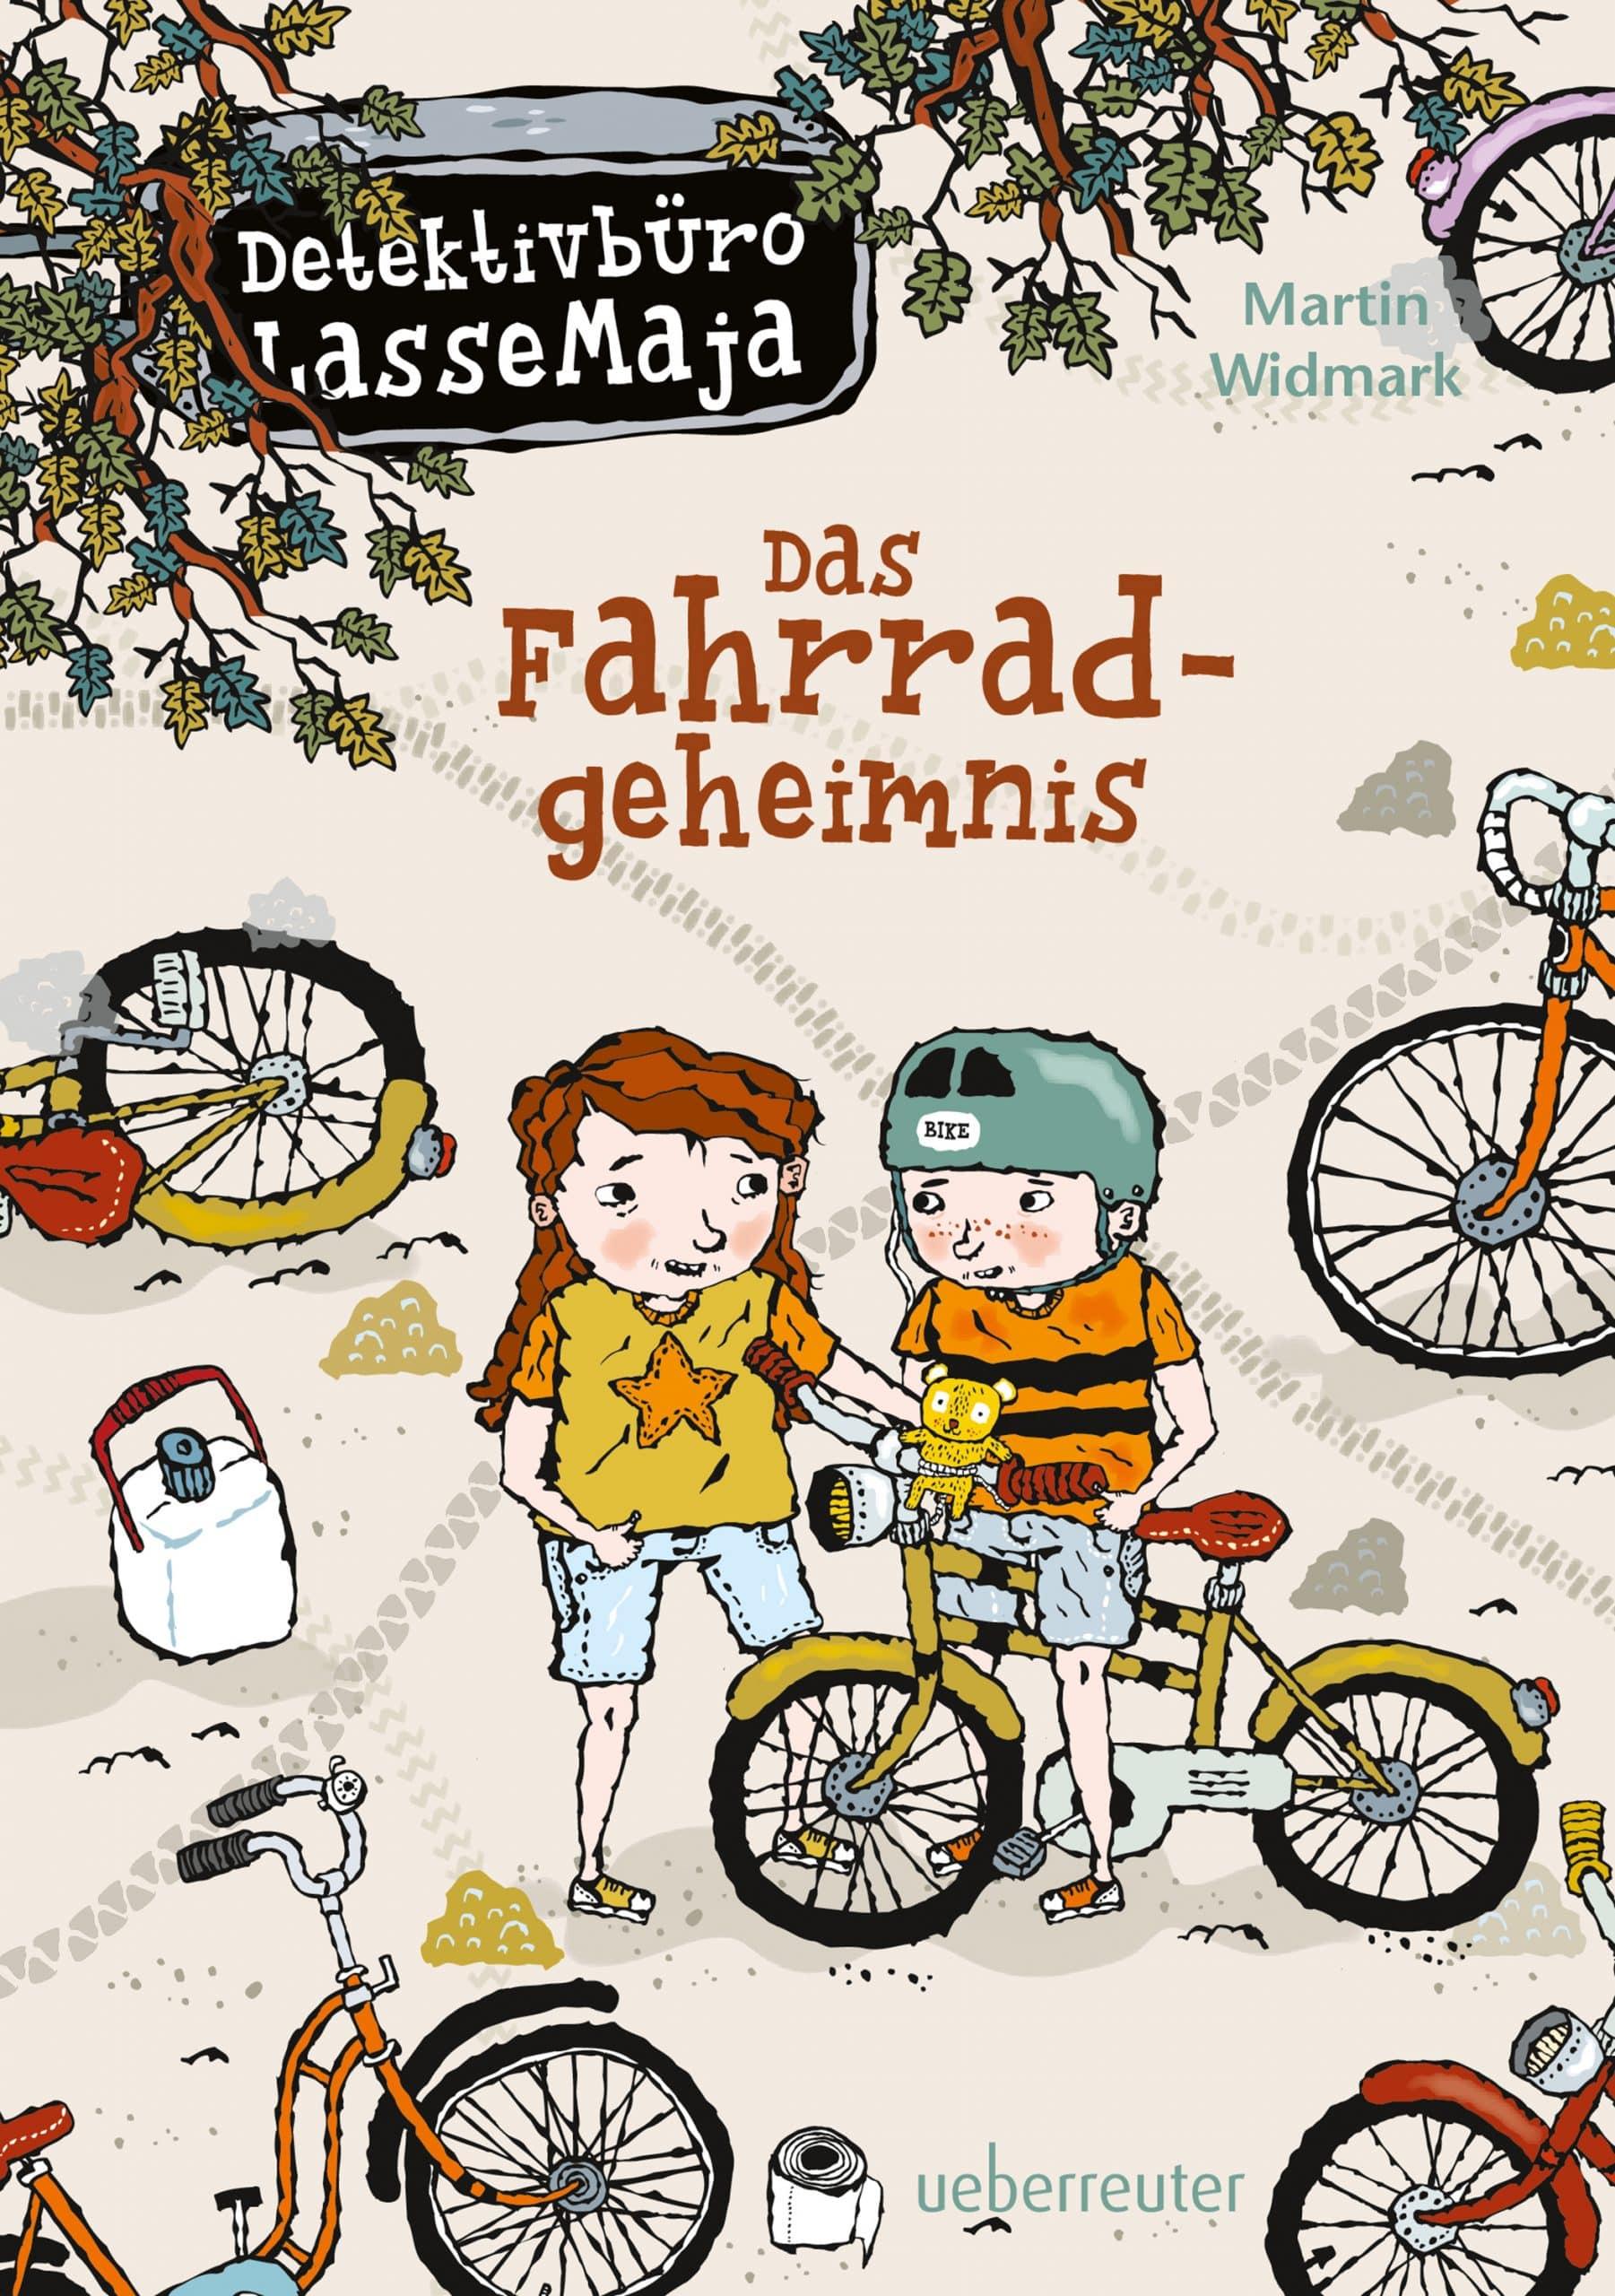 Detektivbüro LasseMaja – Das Fahrradgeheimnis (Detektivbüro LasseMaja, Bd. 22)